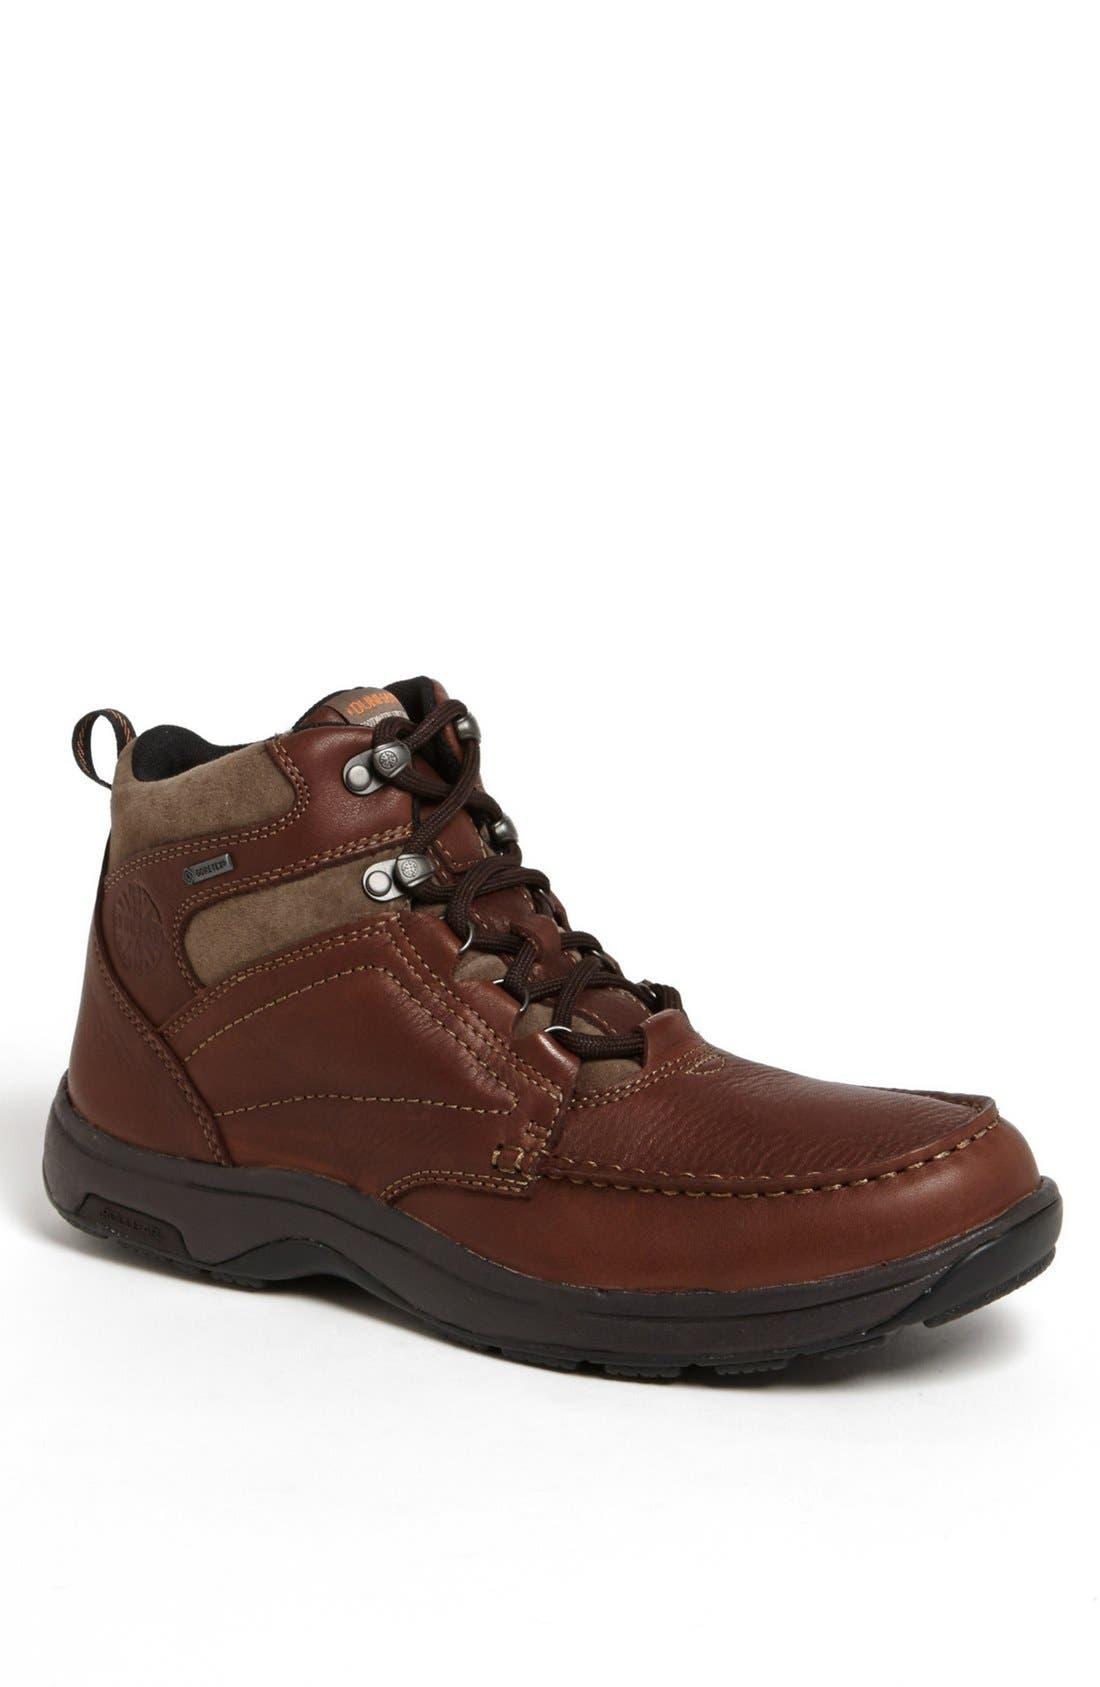 DUNHAM 'Exeter' Boot